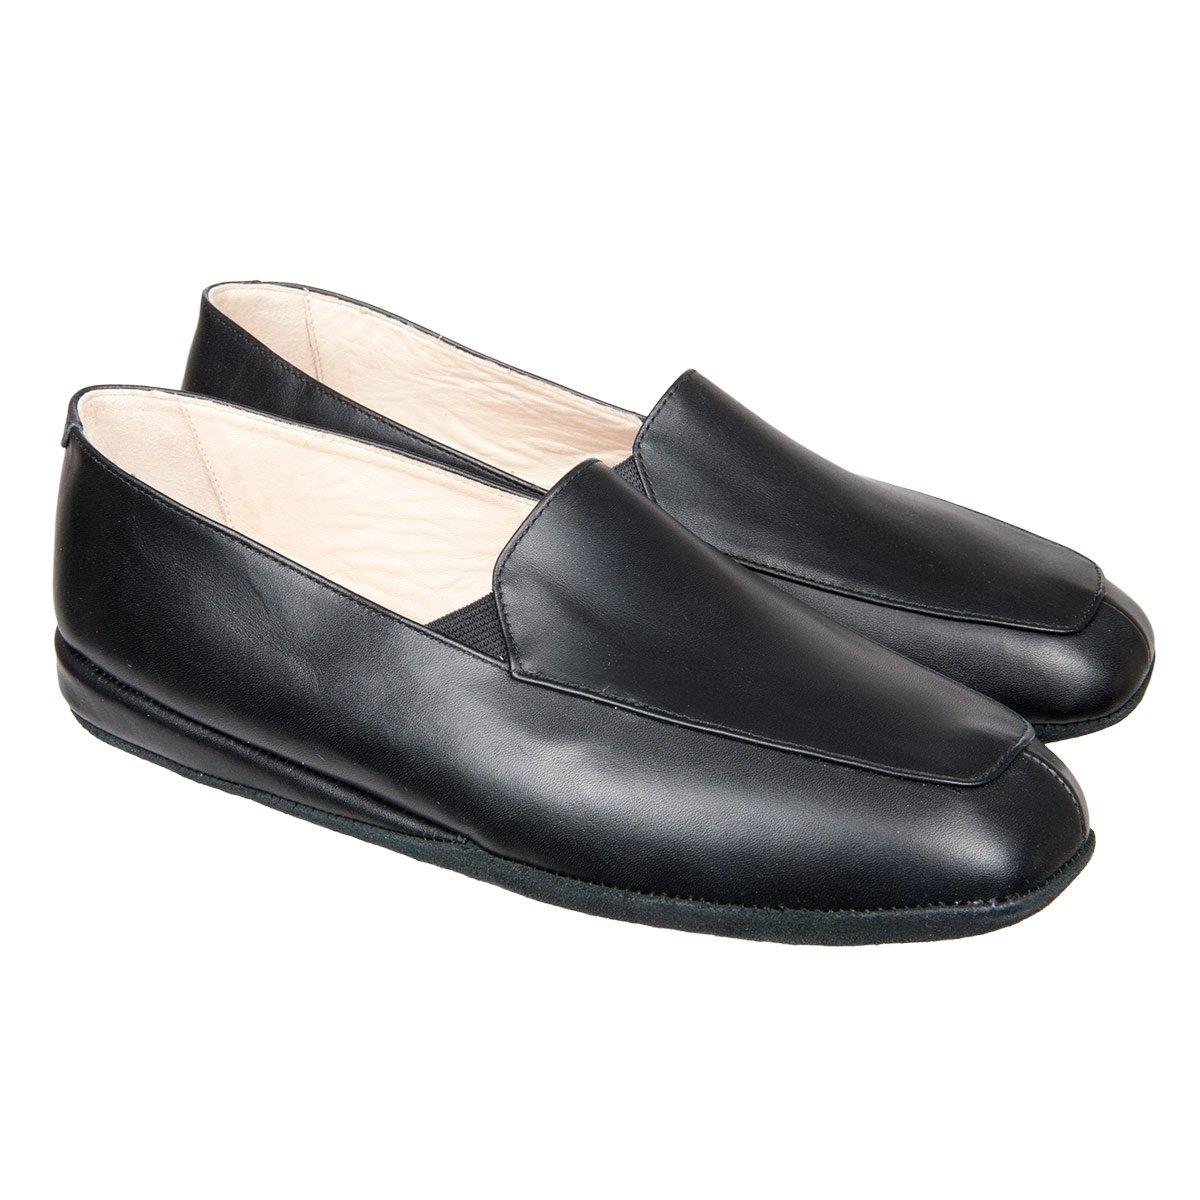 Pantofole da uomo in pelle fatte a mano in alta qualità italiana ... 88df8dc4b90